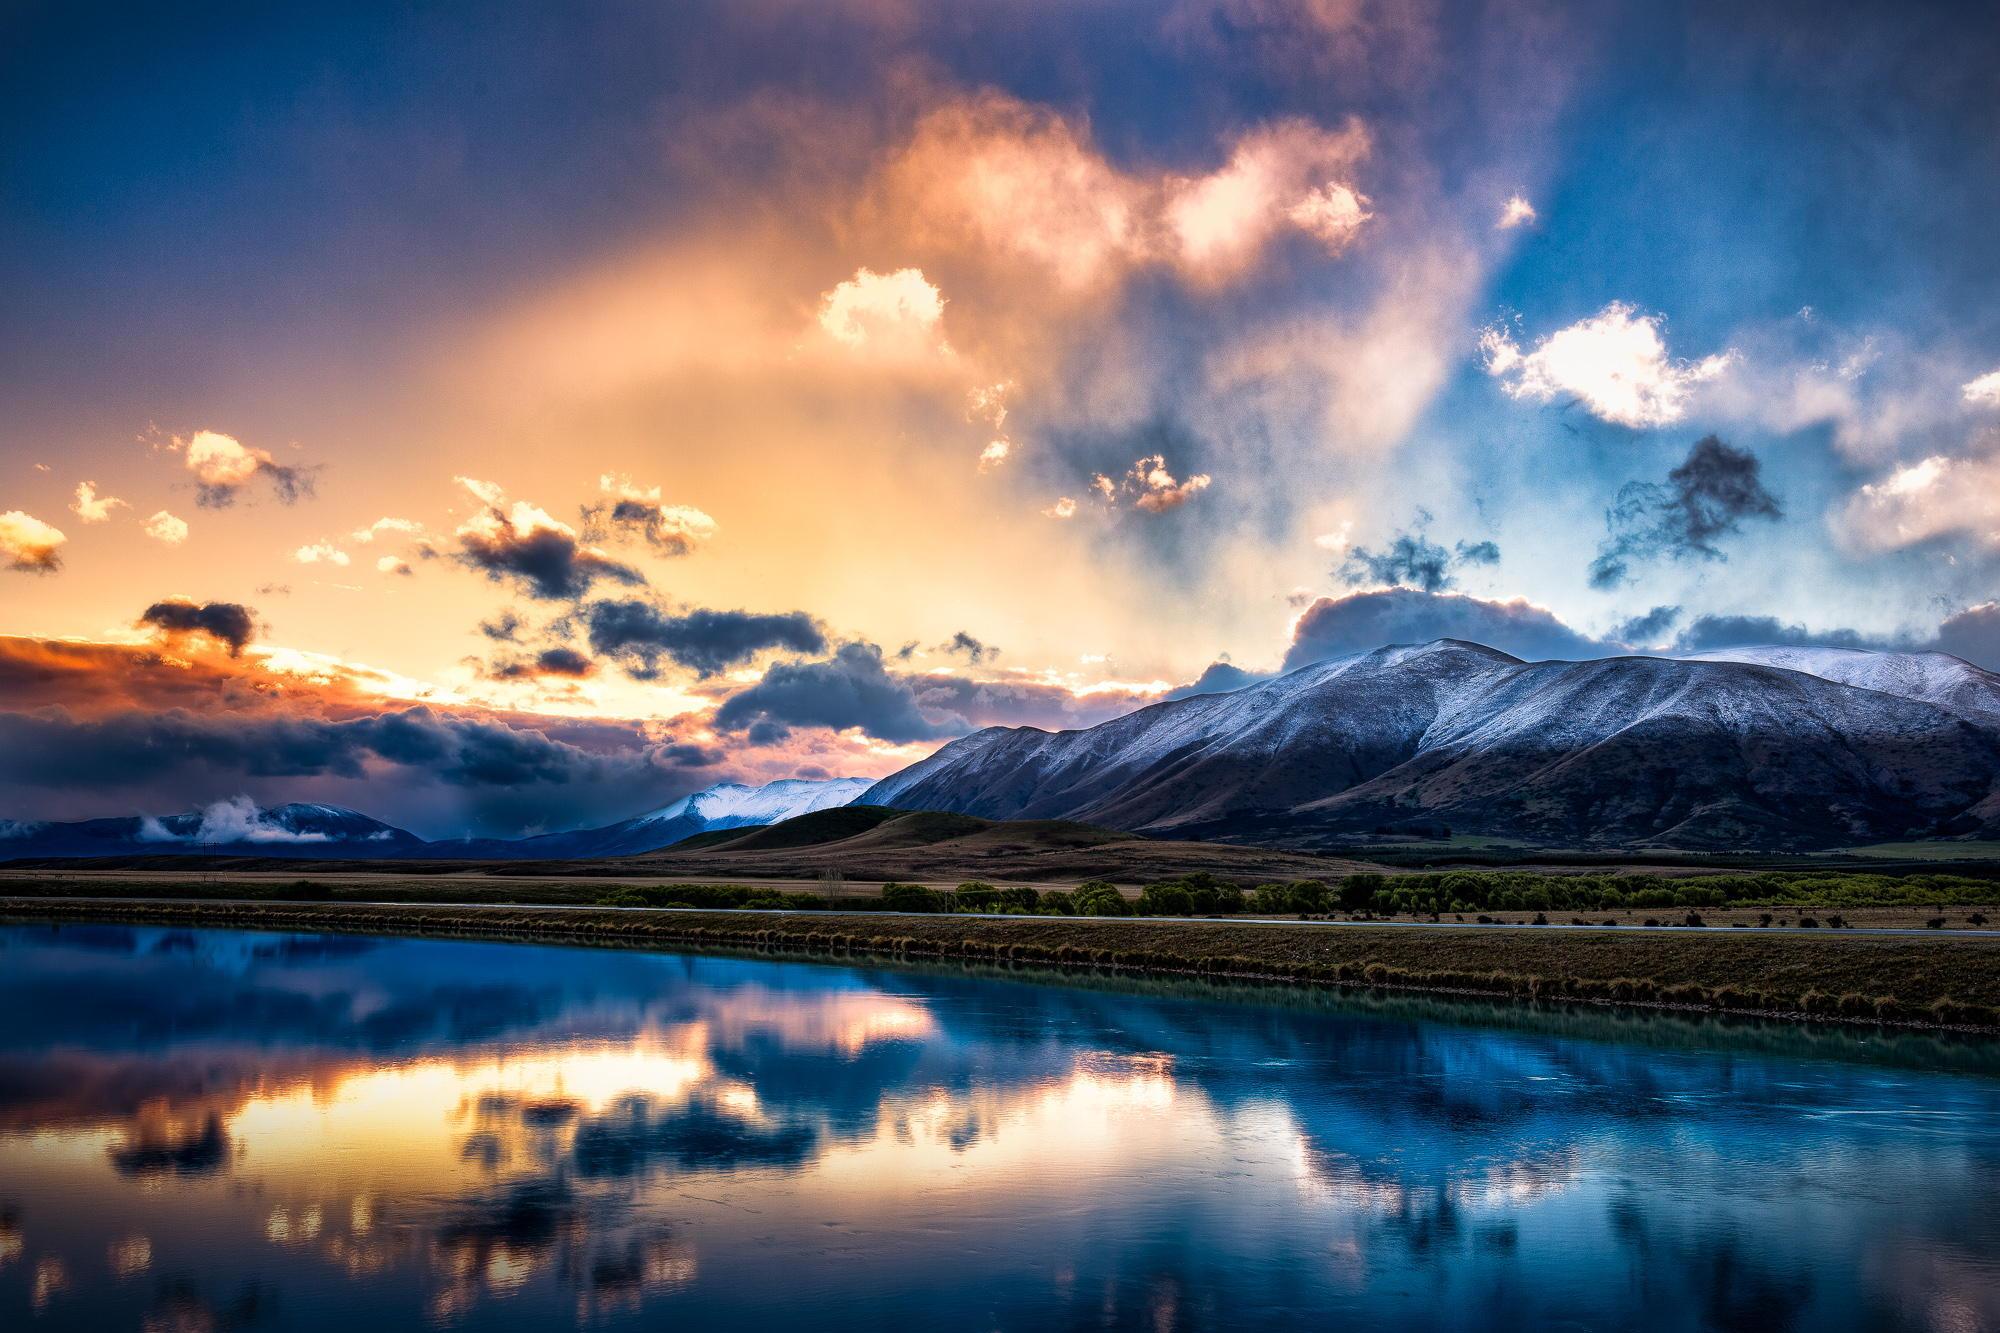 природа река горы небо облака отражение  № 2503271 загрузить